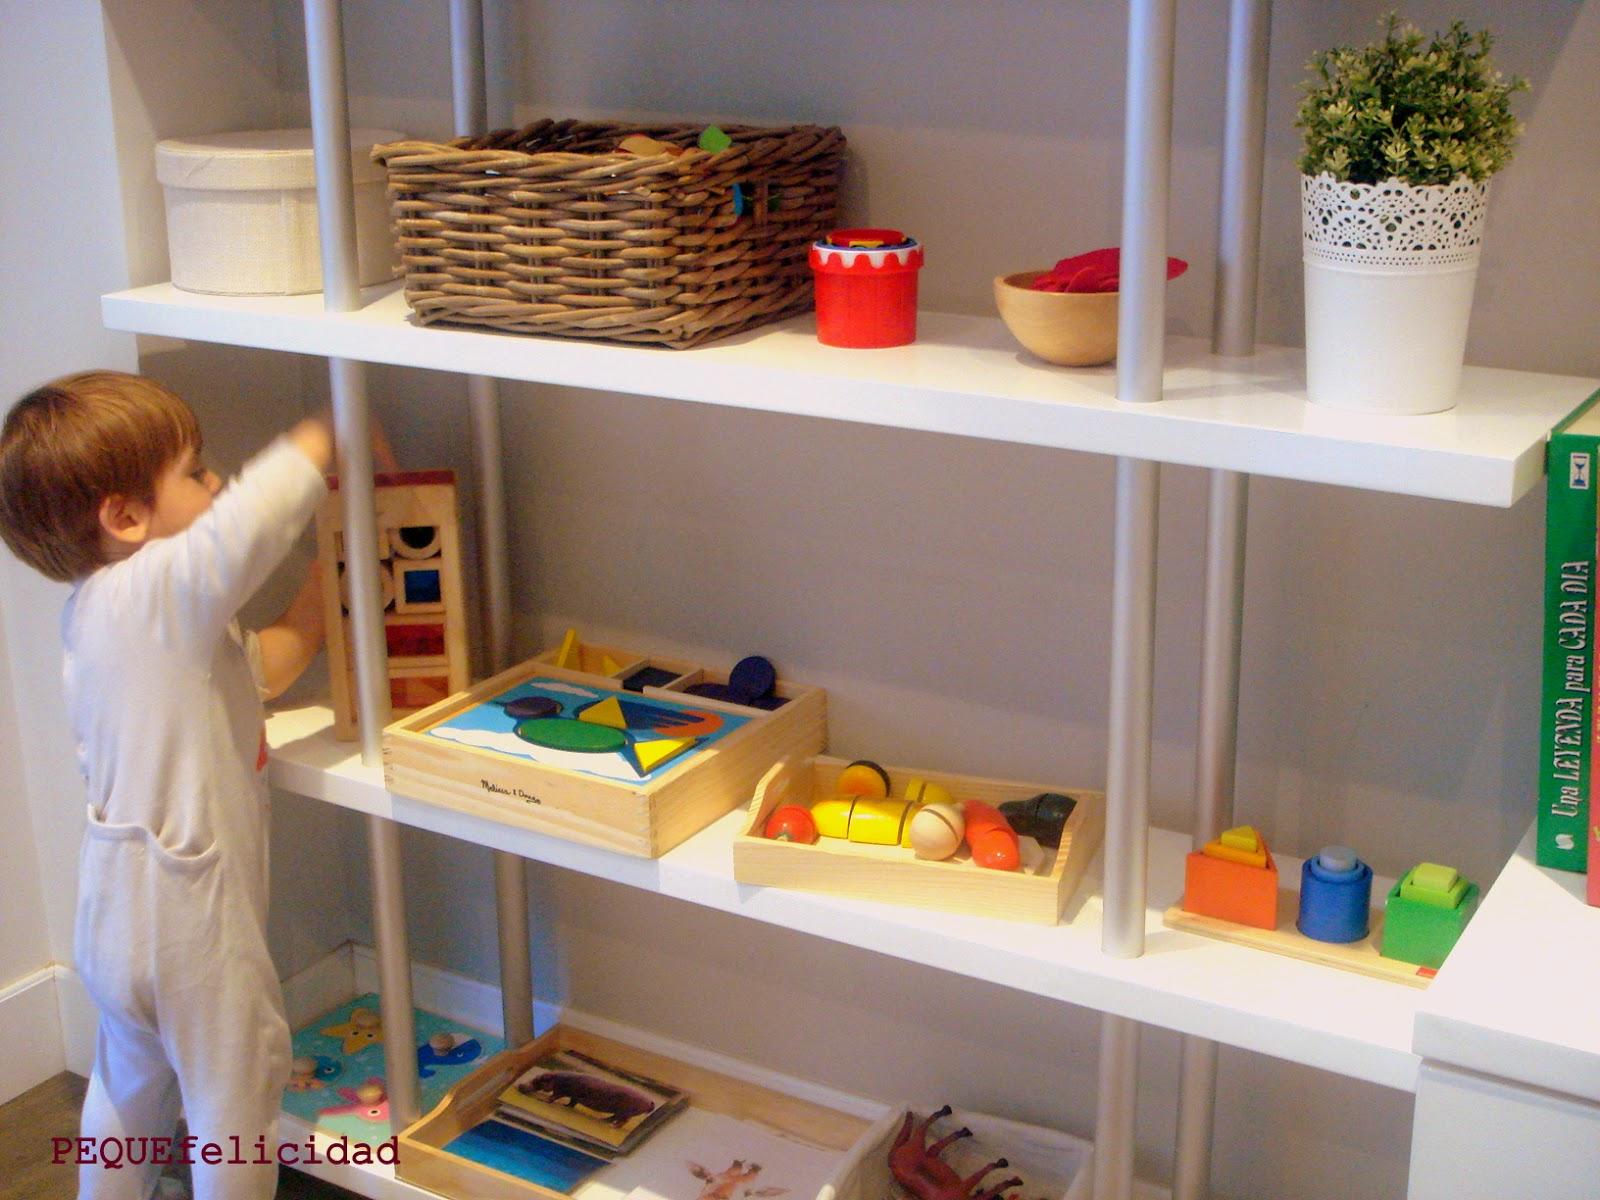 Pequefelicidad tips para mantener el orden en casa con peques - Como limpiar y ordenar la casa ...